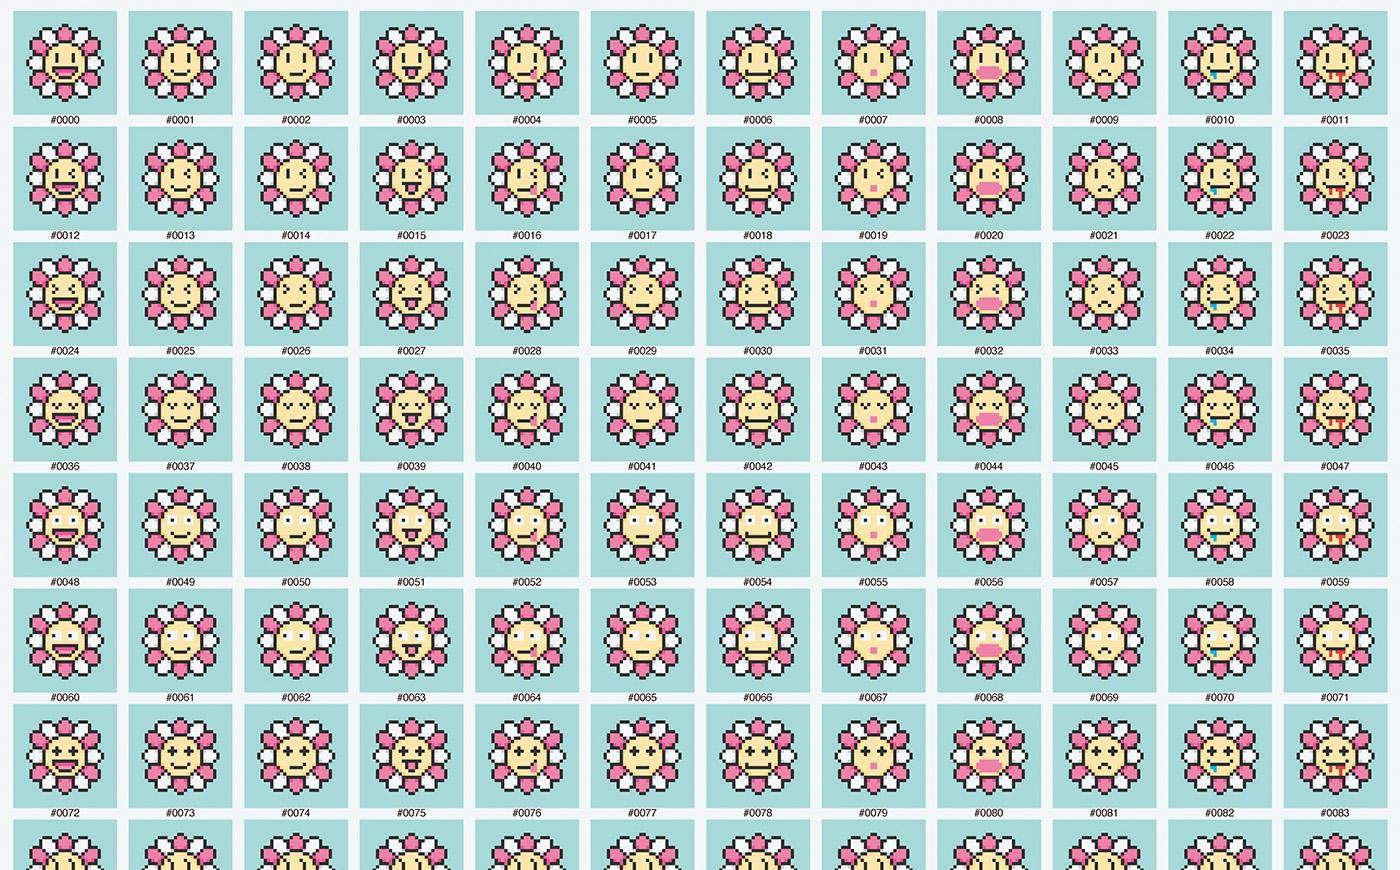 村上 隆「108 Earthly Temptations, 2021」今年の3月、村上隆が自身初となるNFT作品として本作を〈OpenSea〉へ出品することを発表し話題に。しかしその後、村上は一転して出品の取り下げを発表している。©2021 Takashi Murakami/Kaikai Kiki Co., Ltd.All Rights Reserved.